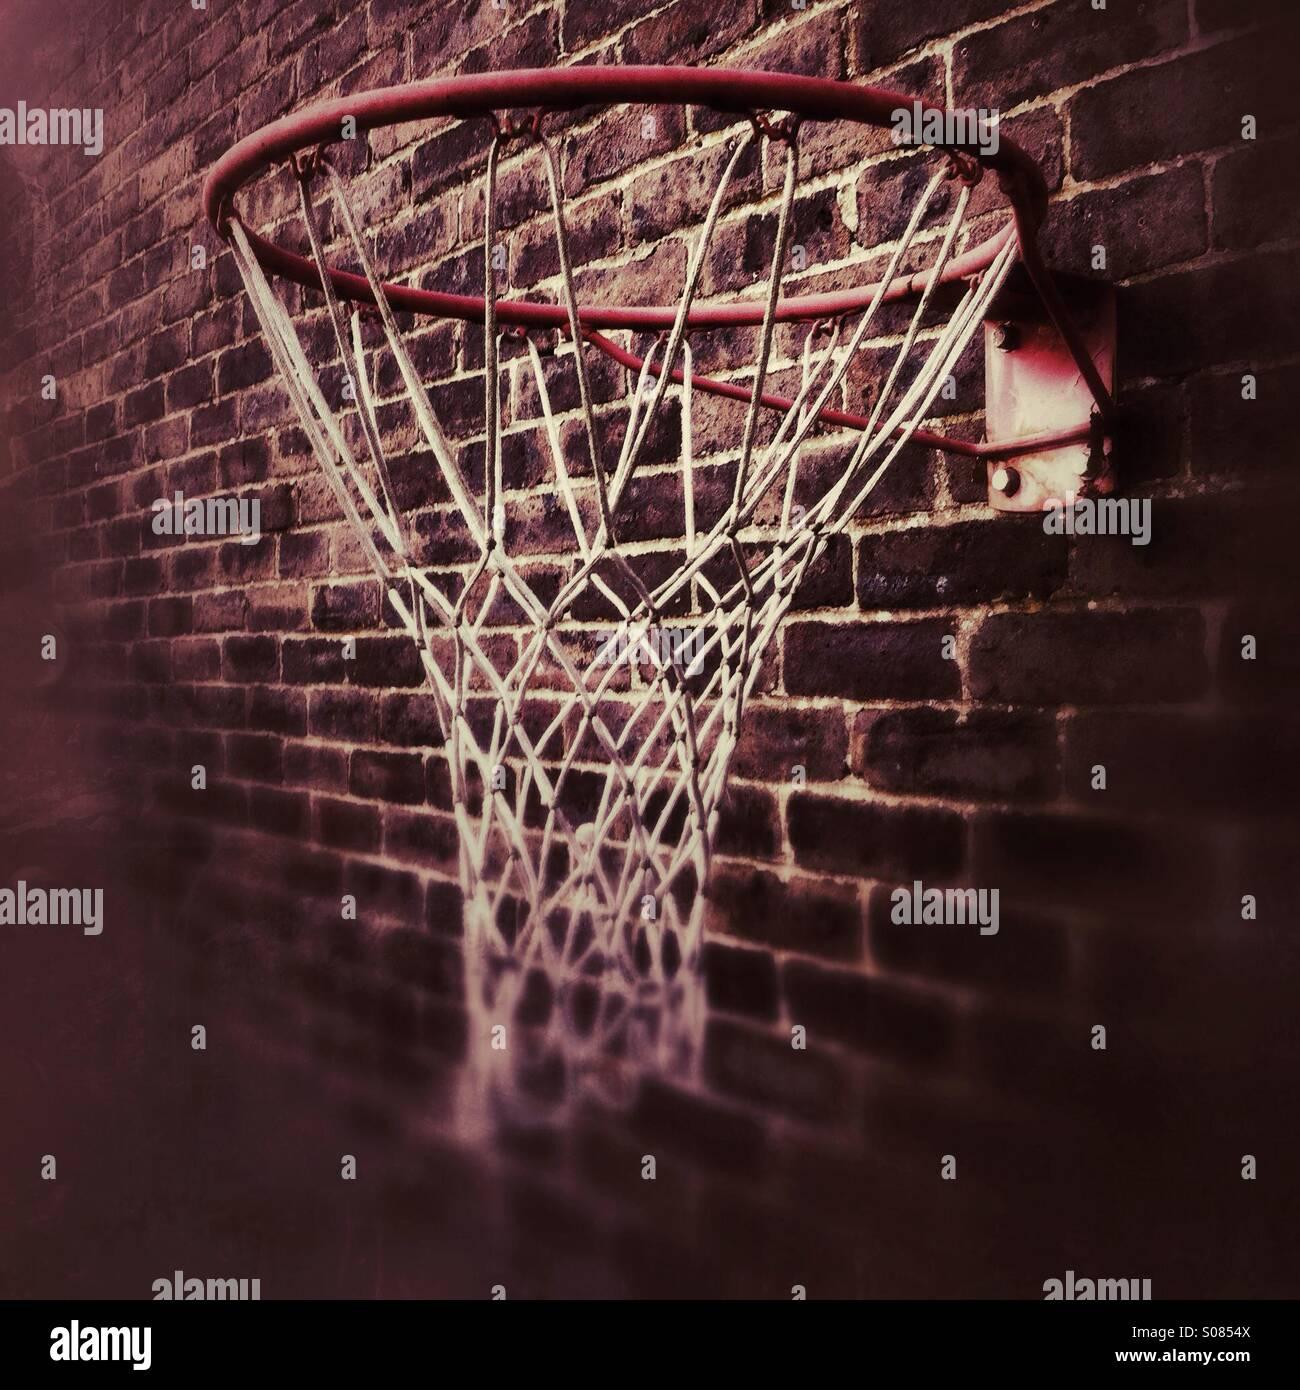 El balonvolea net o hoop montado sobre una pared de ladrillos Imagen De Stock